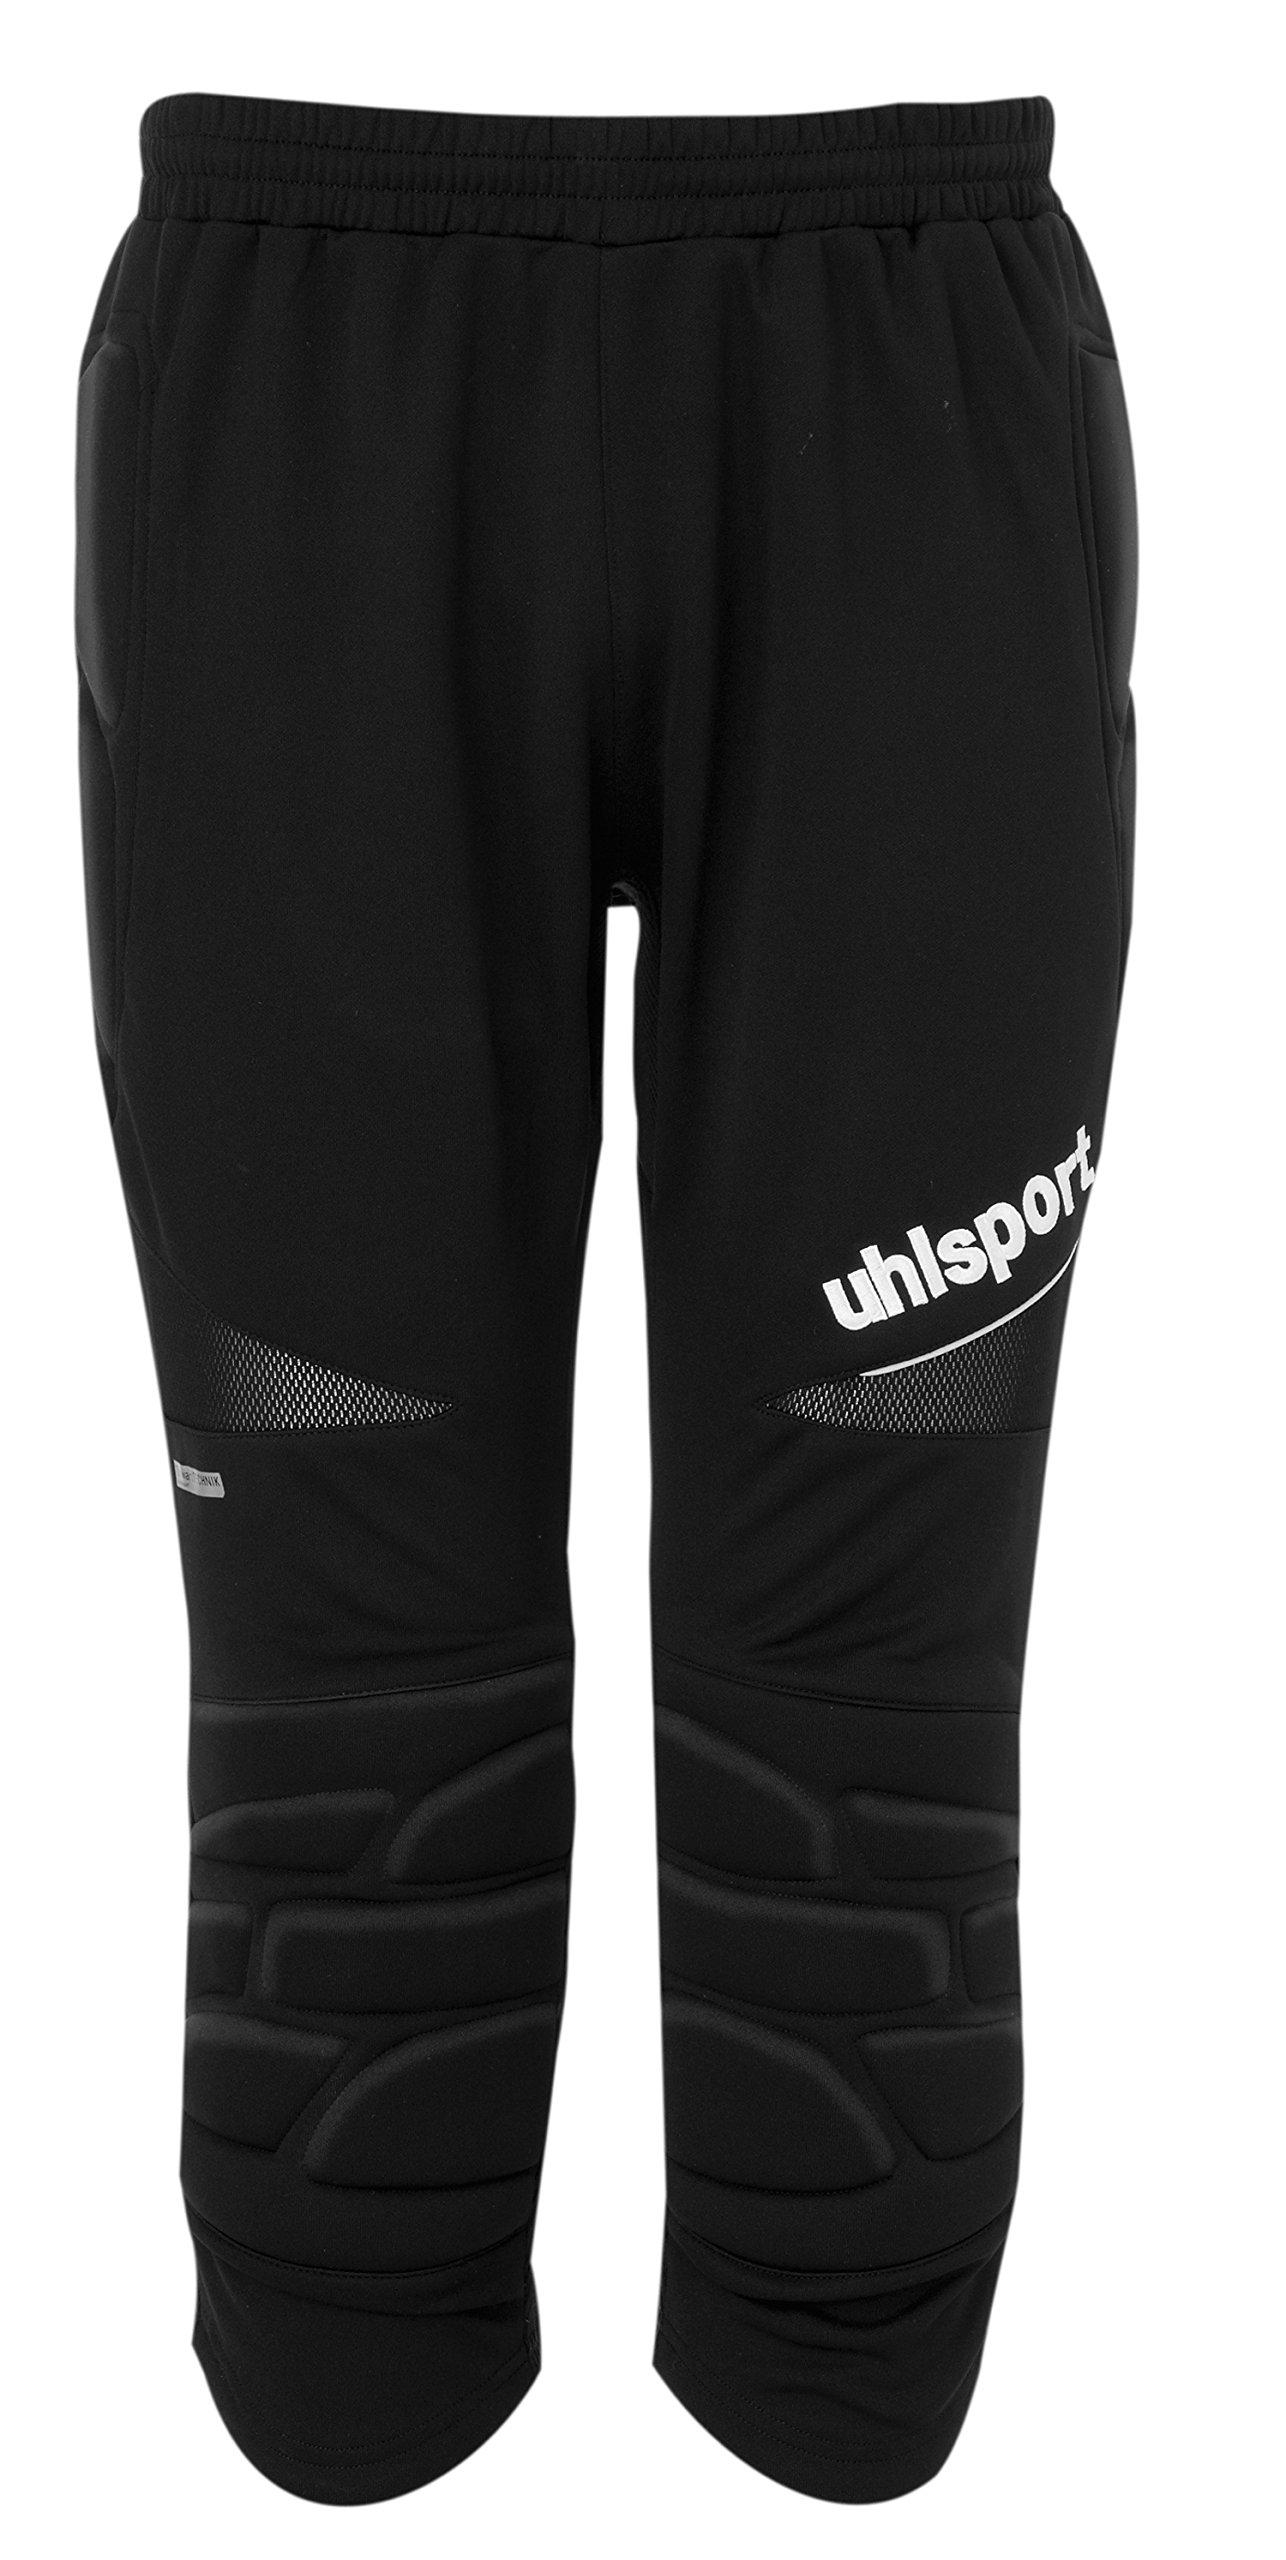 4a5d4a84e1ca uhlsport - ANATOMIC, Pantaloni da portiere da uomo, Nero, L product image